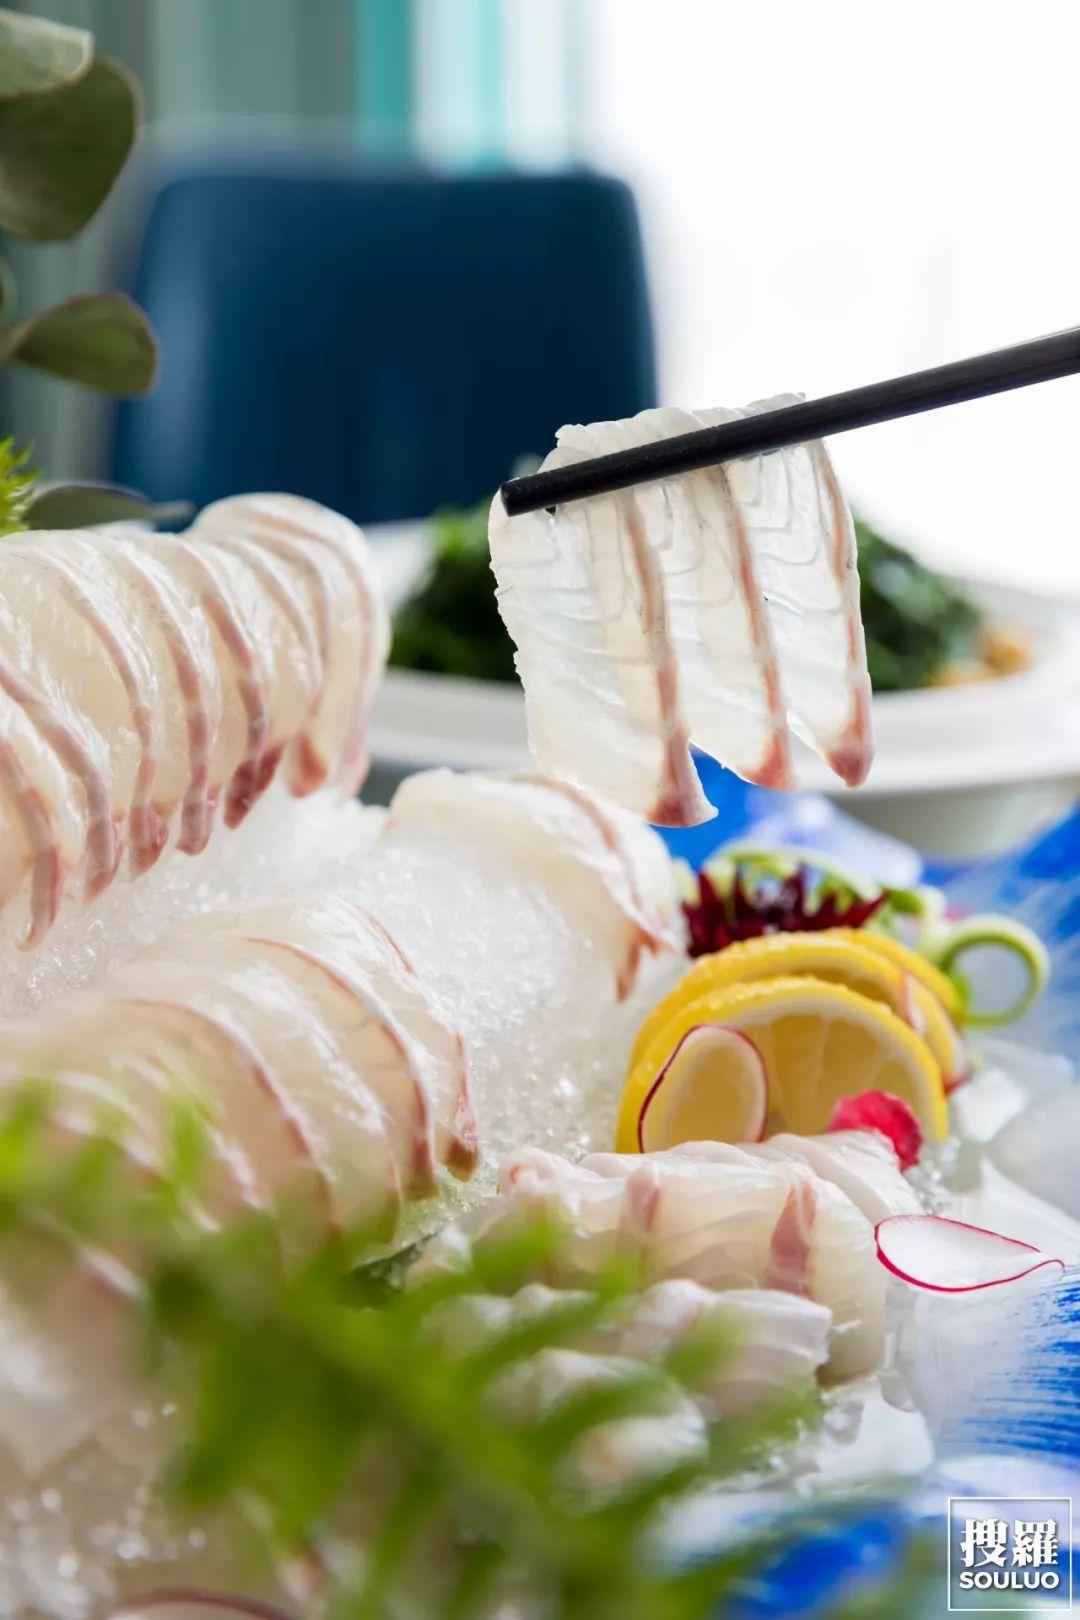 0加工费,0低消的海鲜渔�。�两位数吃波龙宴!